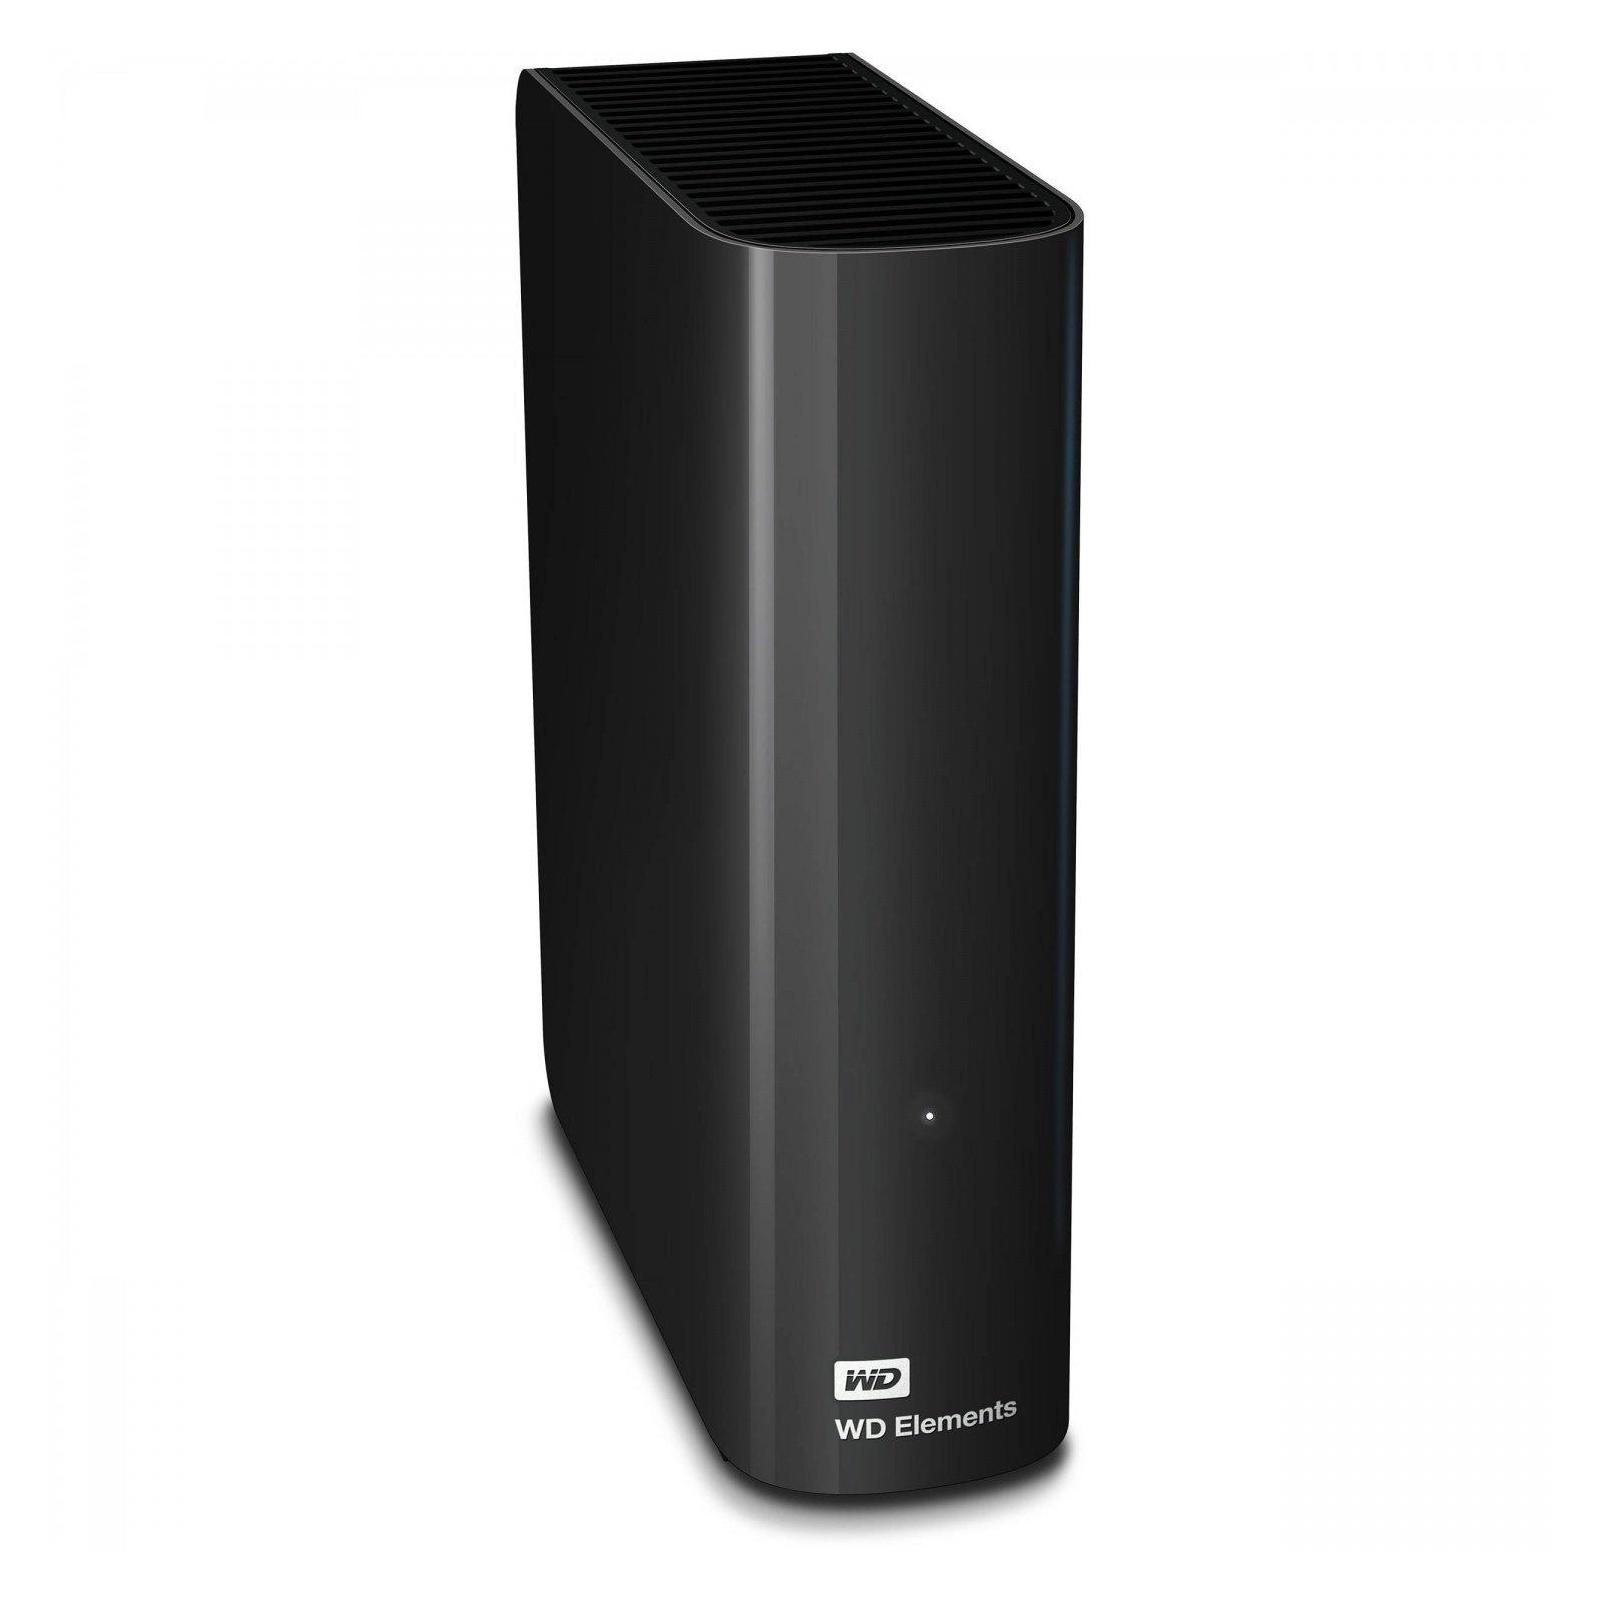 """Внешний жесткий диск 3.5"""" 8TB Western Digital (WDBWLG0080HBK-EESN) изображение 6"""